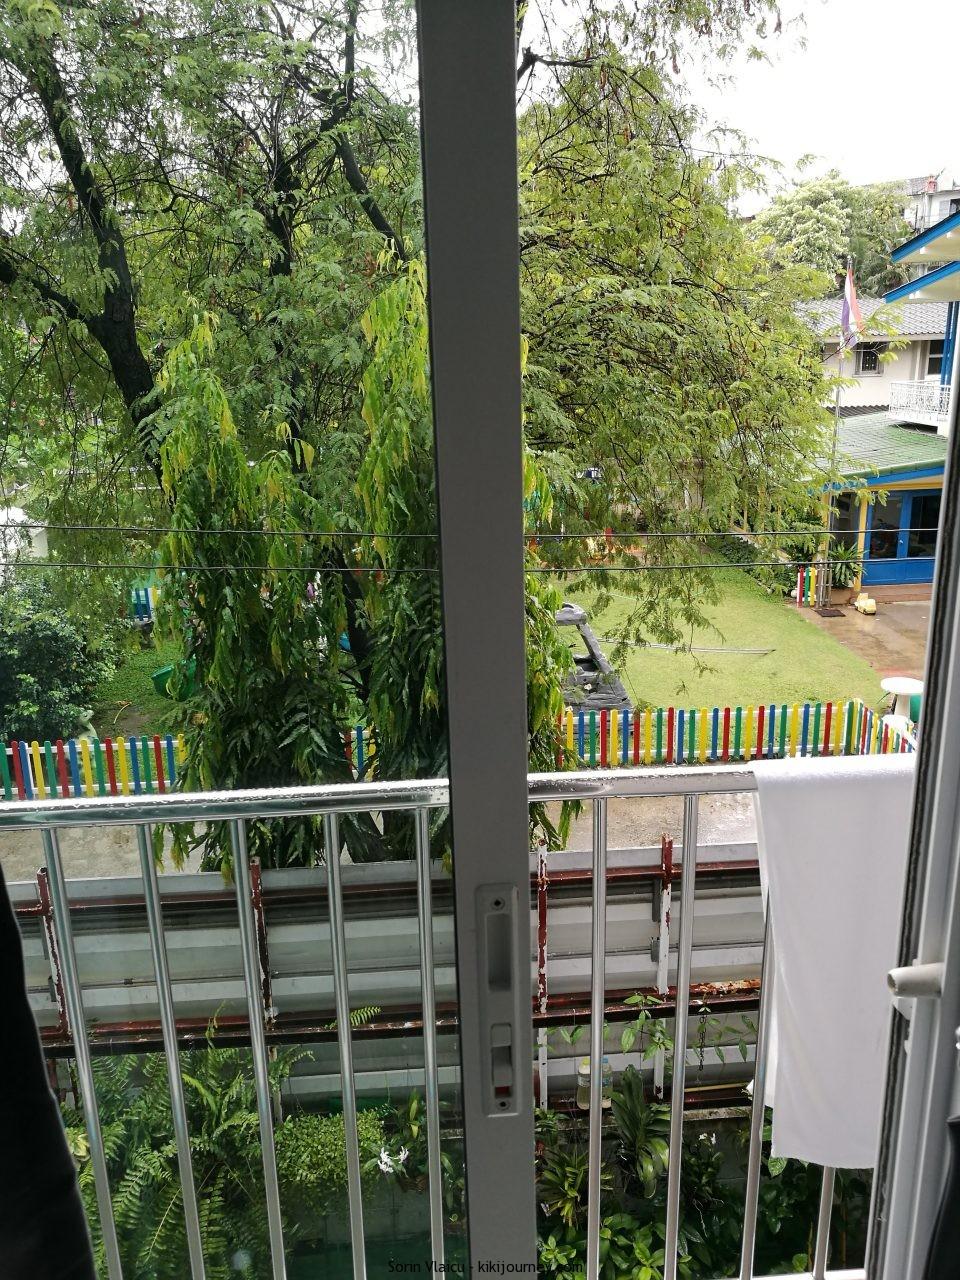 s44roomm balcony